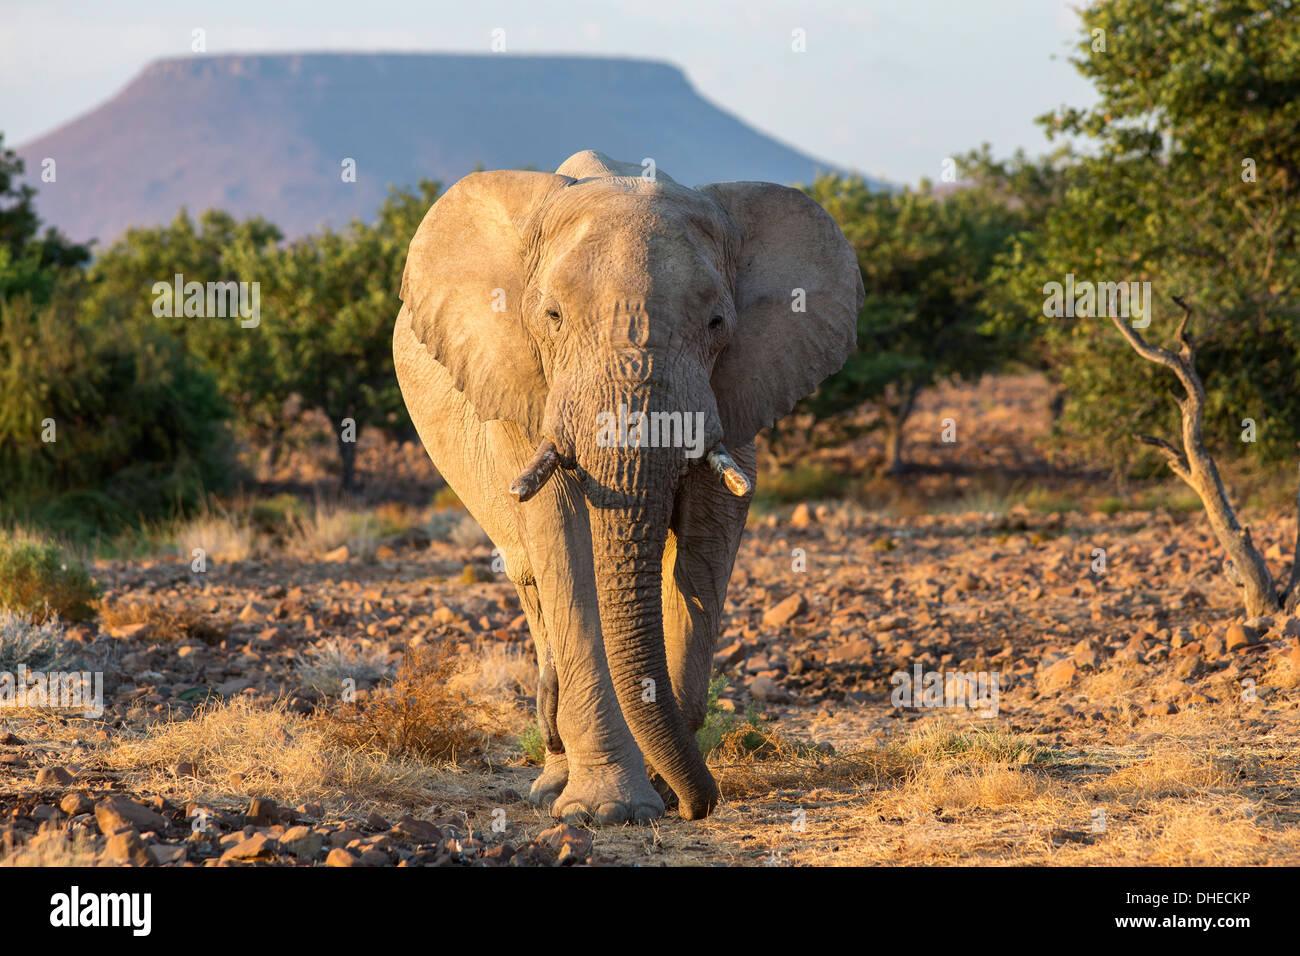 El elefante (Loxodonta africana), Damaraland, Kunene, Namibia, África Imagen De Stock